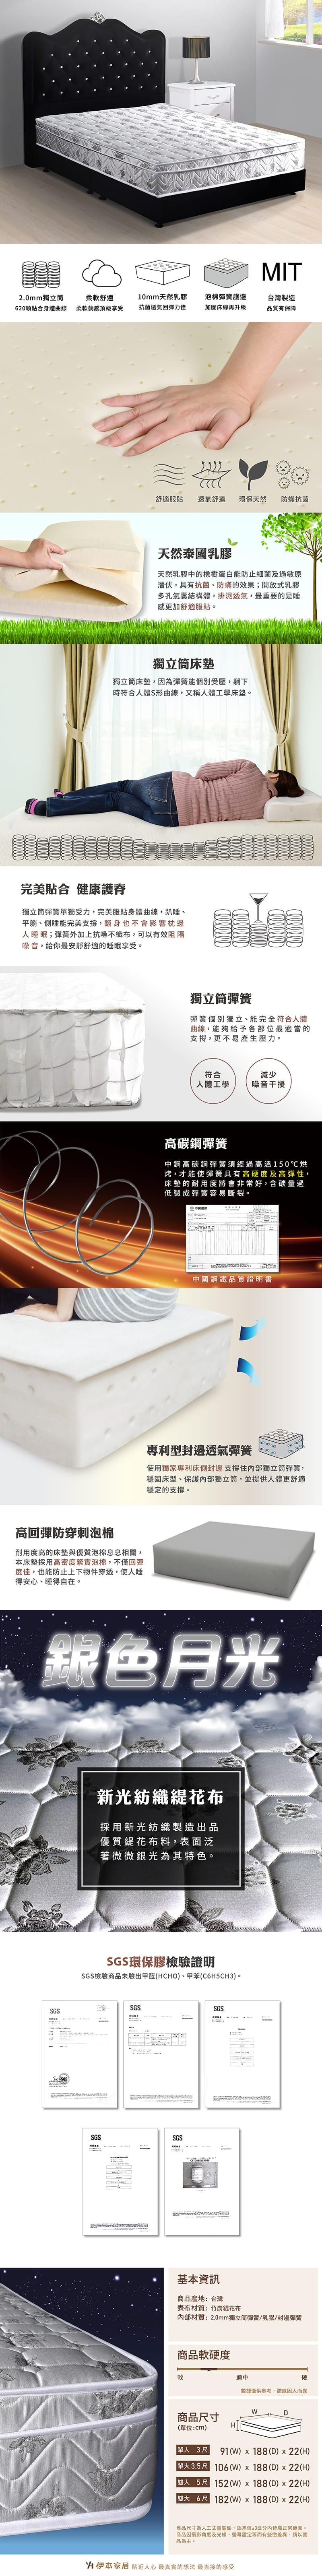 乳膠軟式獨立筒床墊 雙人5尺(水晶系列)